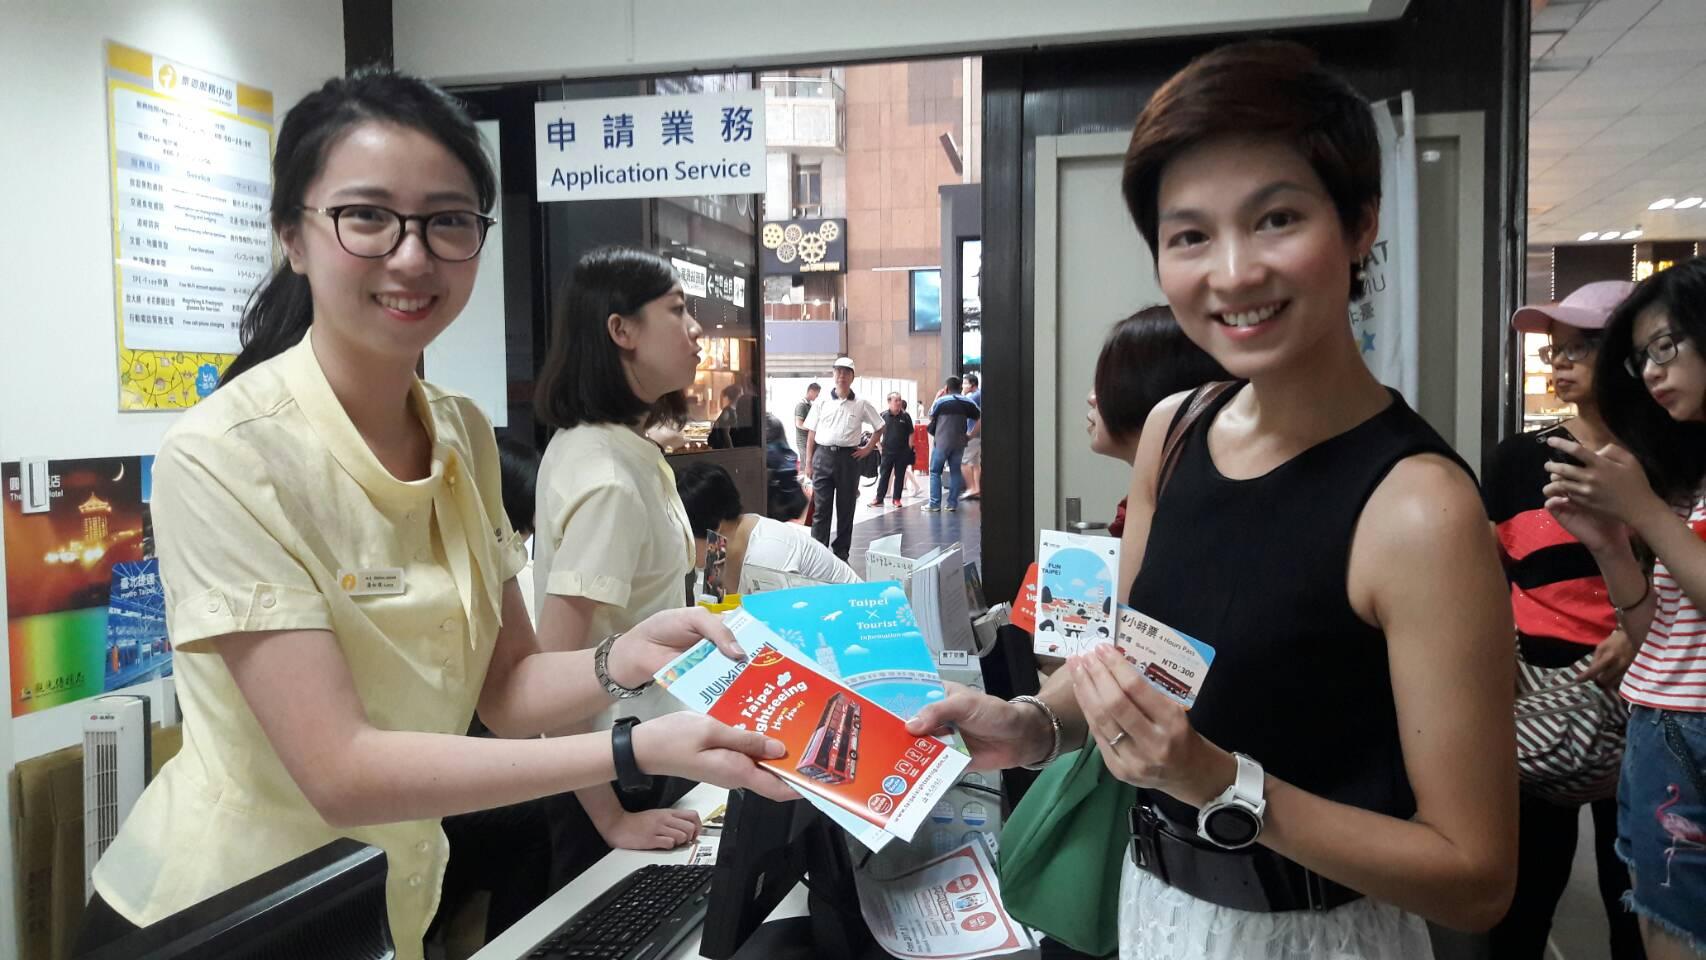 8月國際旅客可至指定旅服中心兌換觀巴4小時體驗券,從不同角度看台北